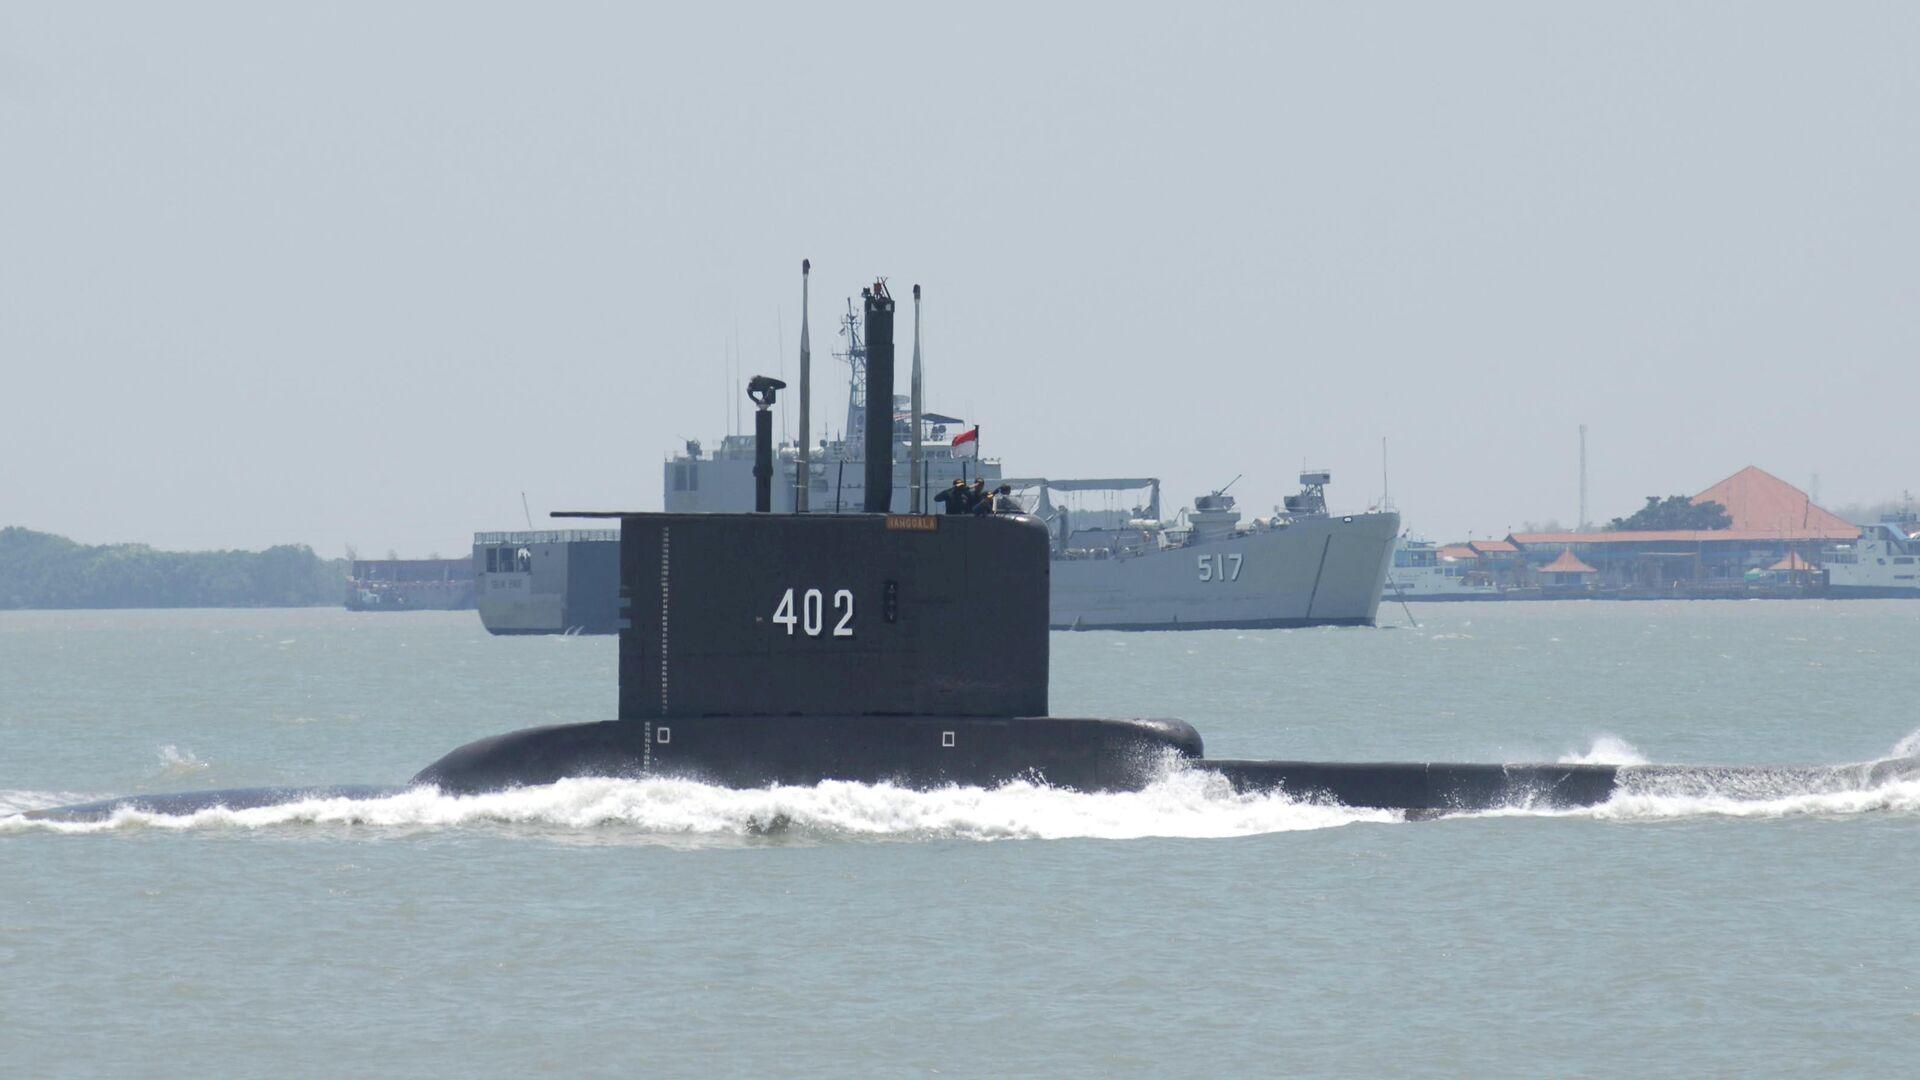 Подводная лодка ВМС Индонезии KRI Nanggala-402  - РИА Новости, 1920, 24.04.2021